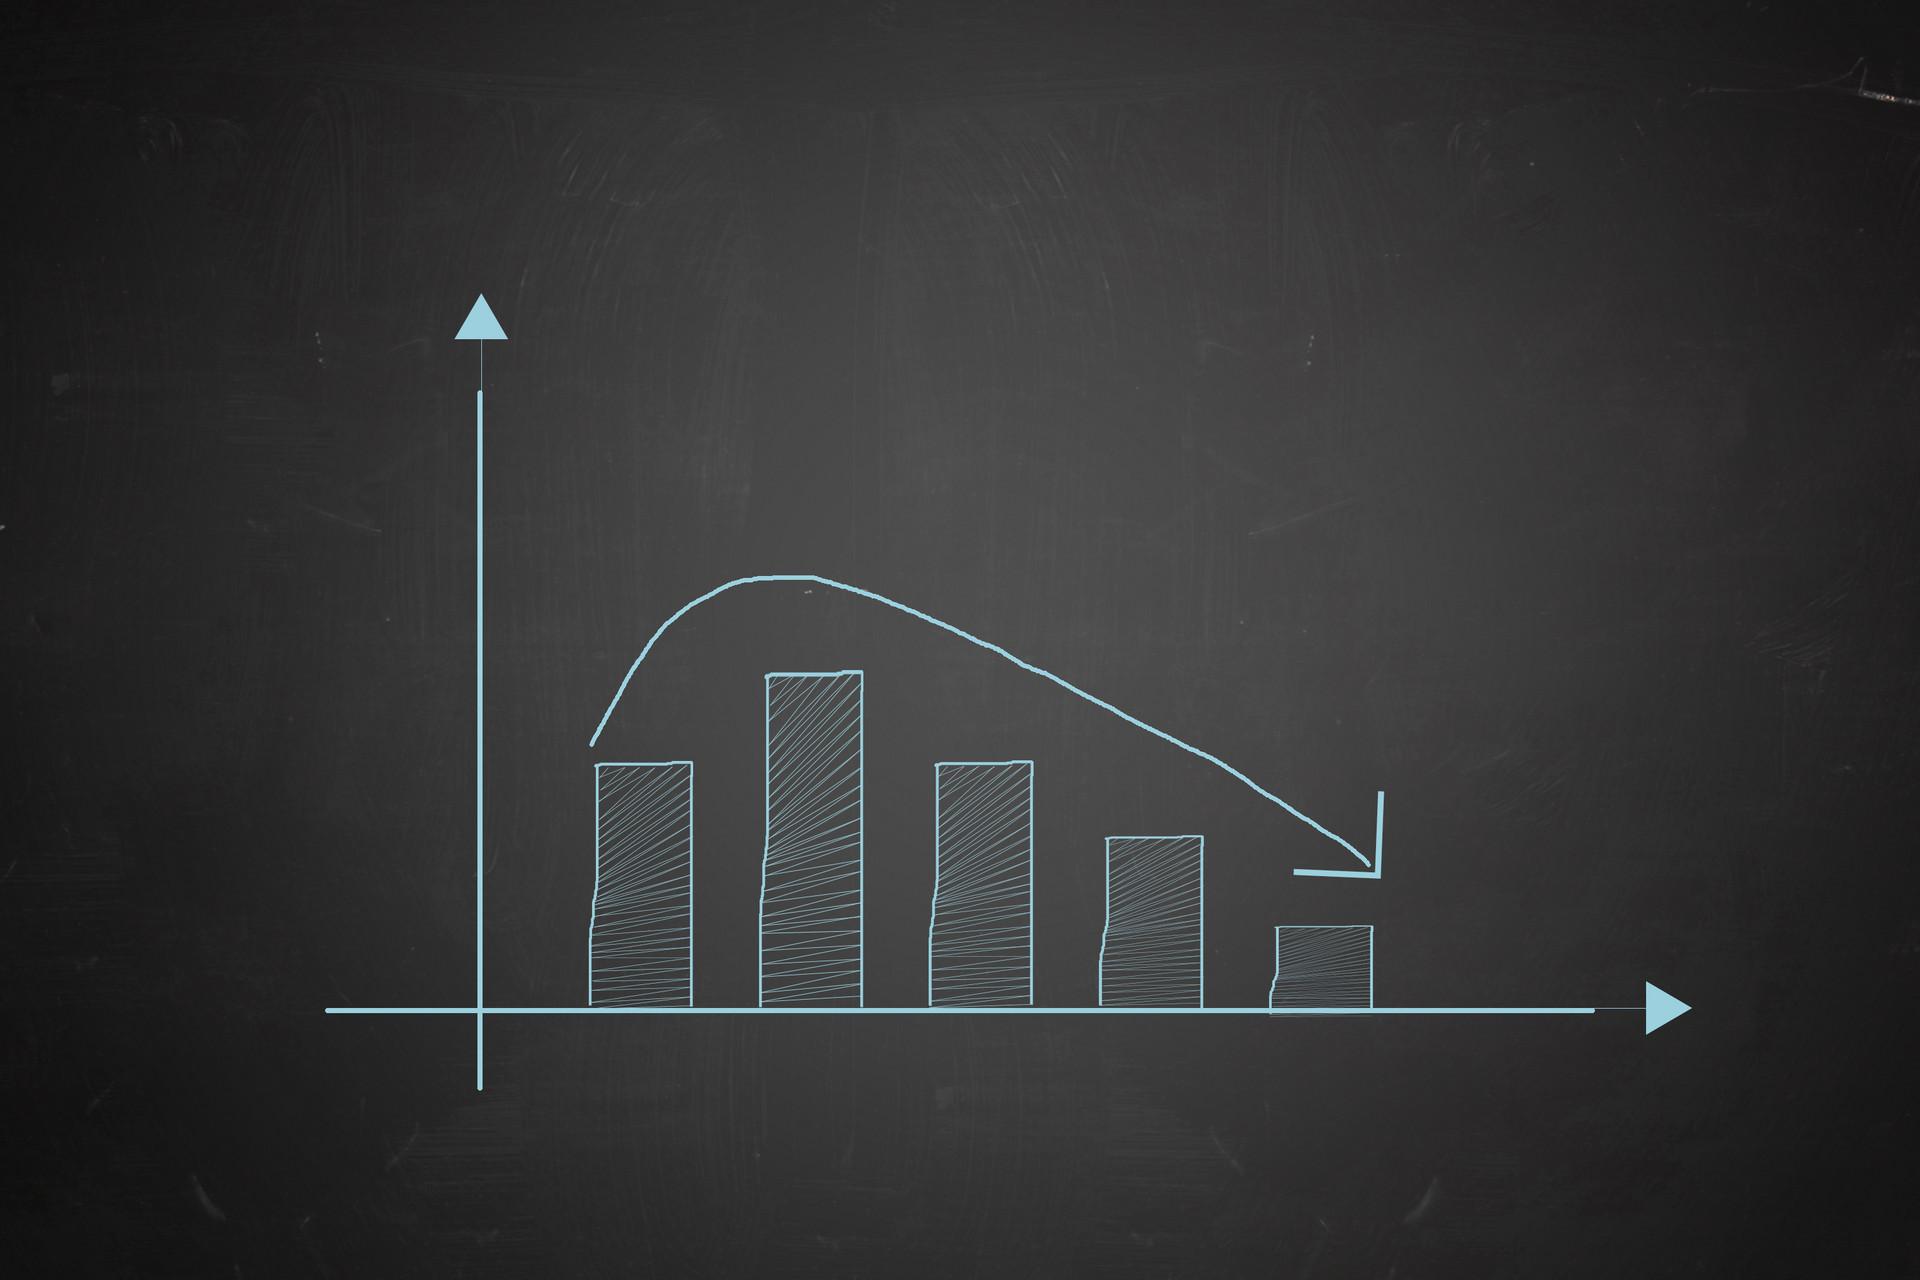 """比亚迪""""新能源神话""""破灭?三季度销量下滑30% 利润暴跌超8成"""